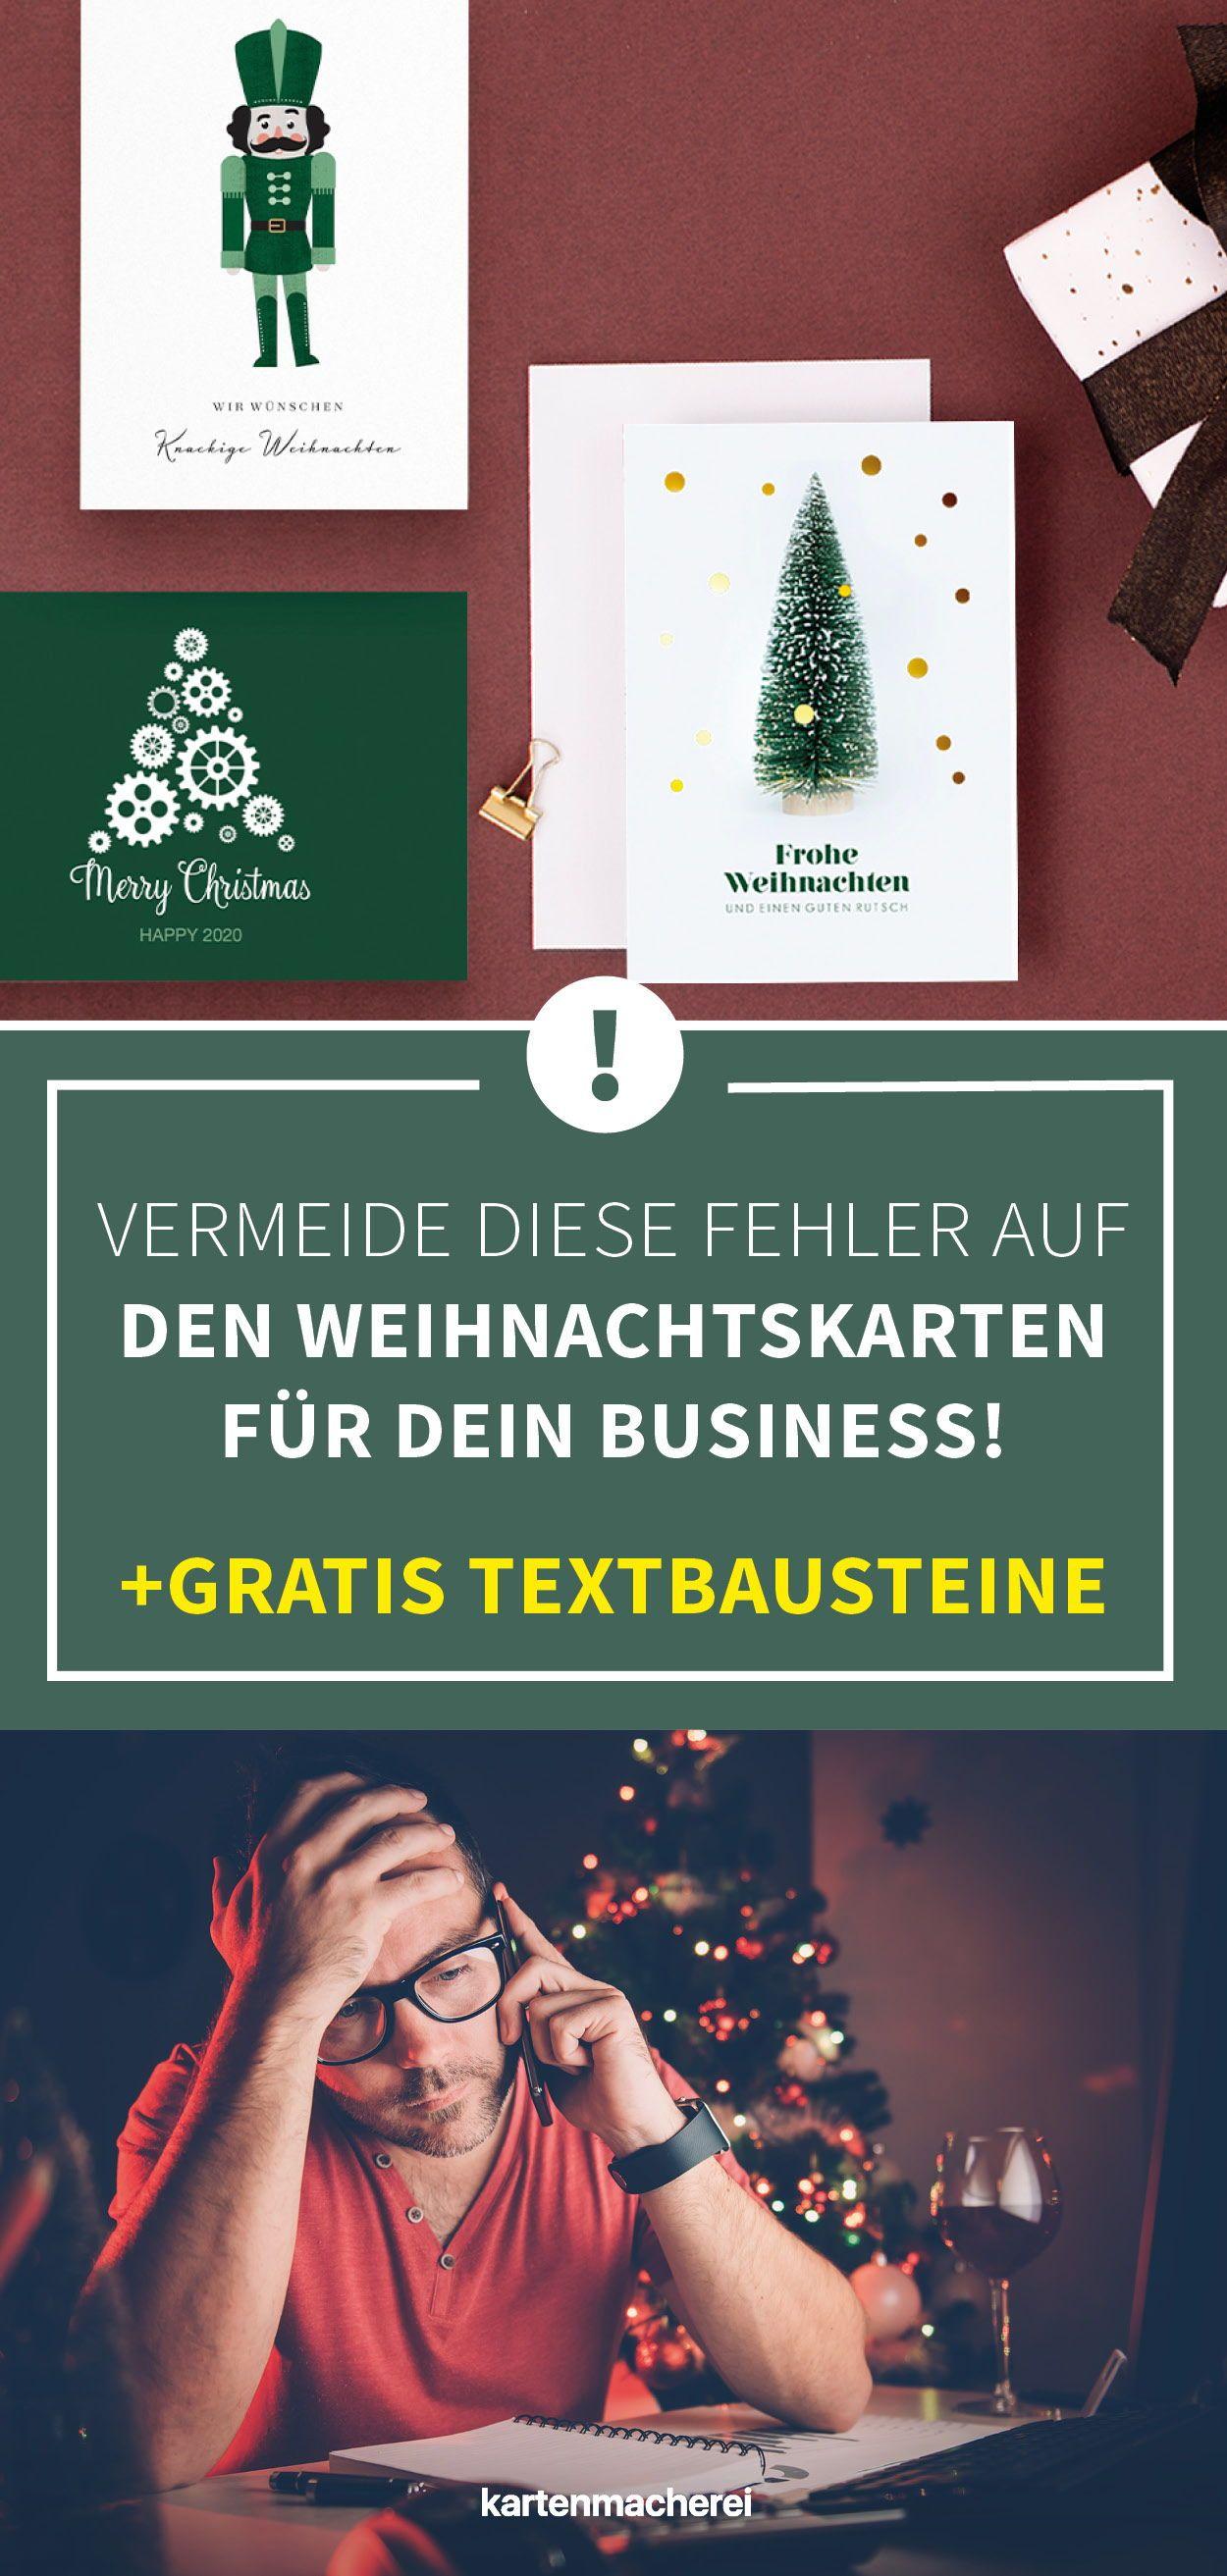 Weihnachtstexte Die Ihre Kunden Uberzeugen Weihnachtstexte Personliche Weihnachtskarten Weihnachtskarten